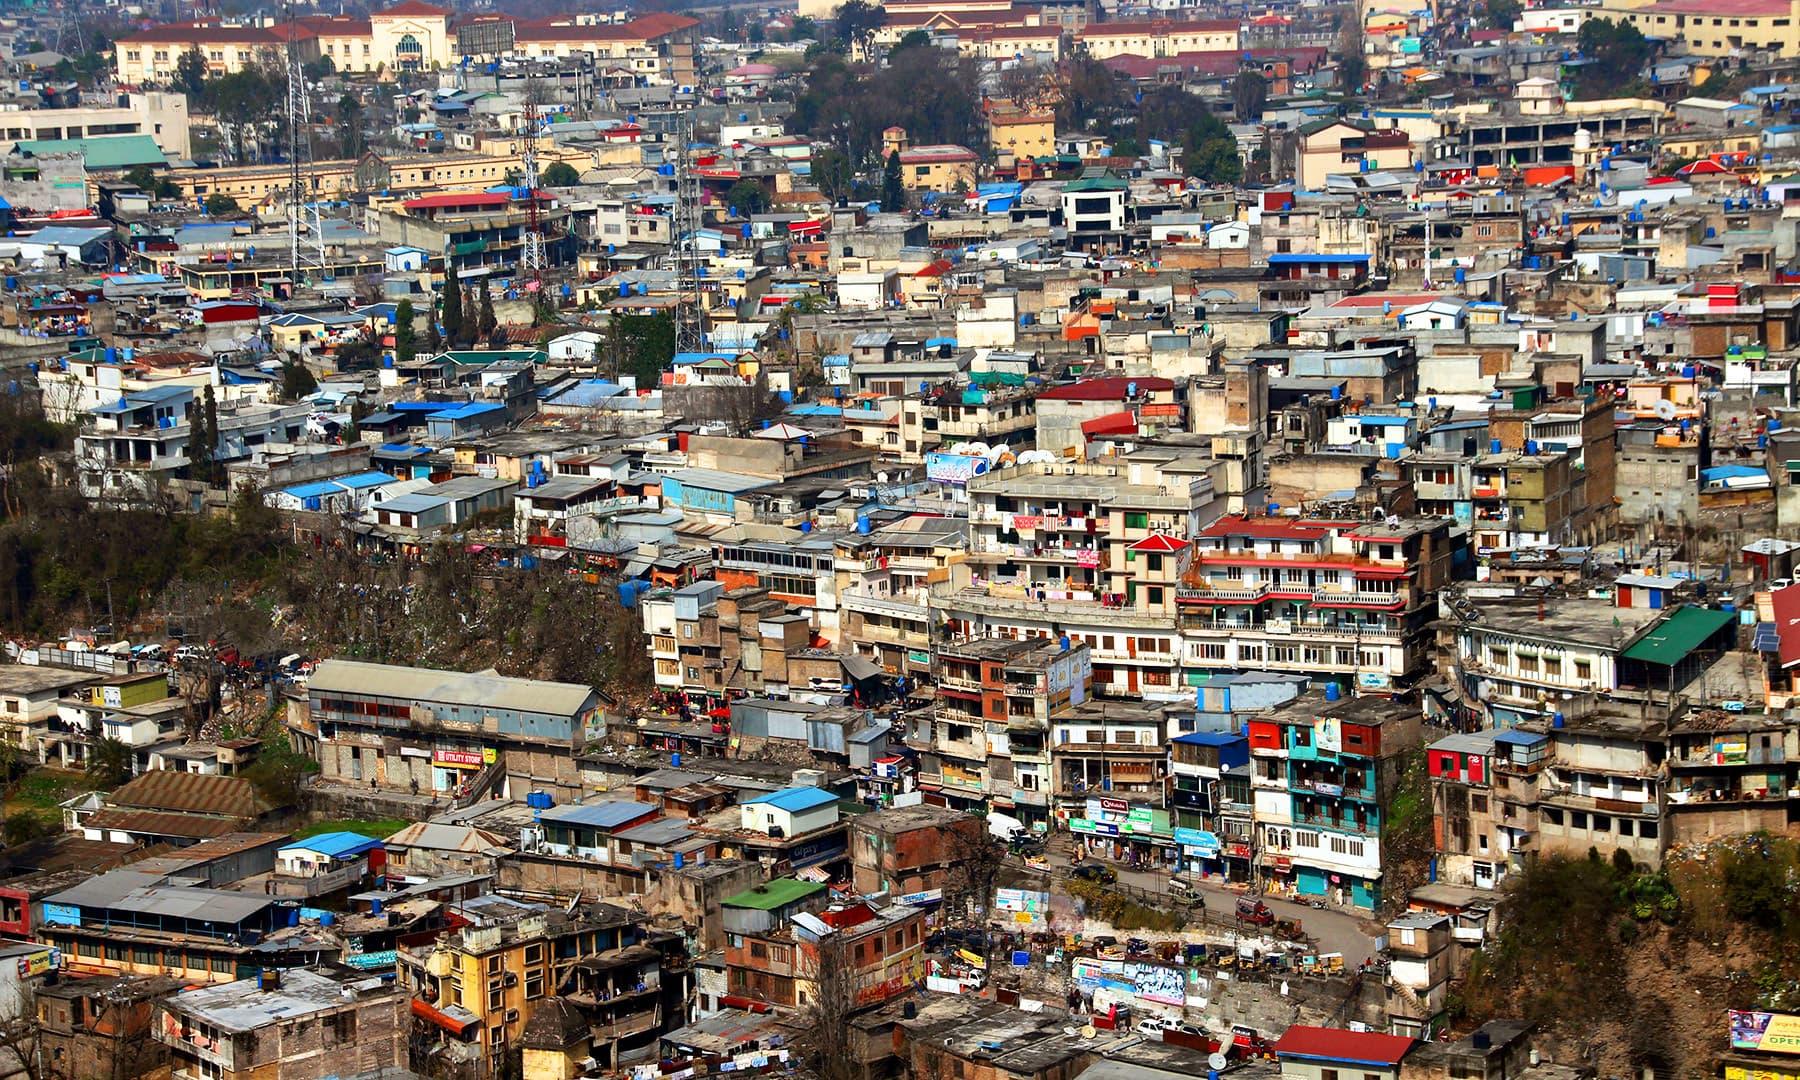 شہر کی تقریبآ تمام ہی تعمیرات بے ہنگم ہیں. — فوٹو سید اشفاق حسین